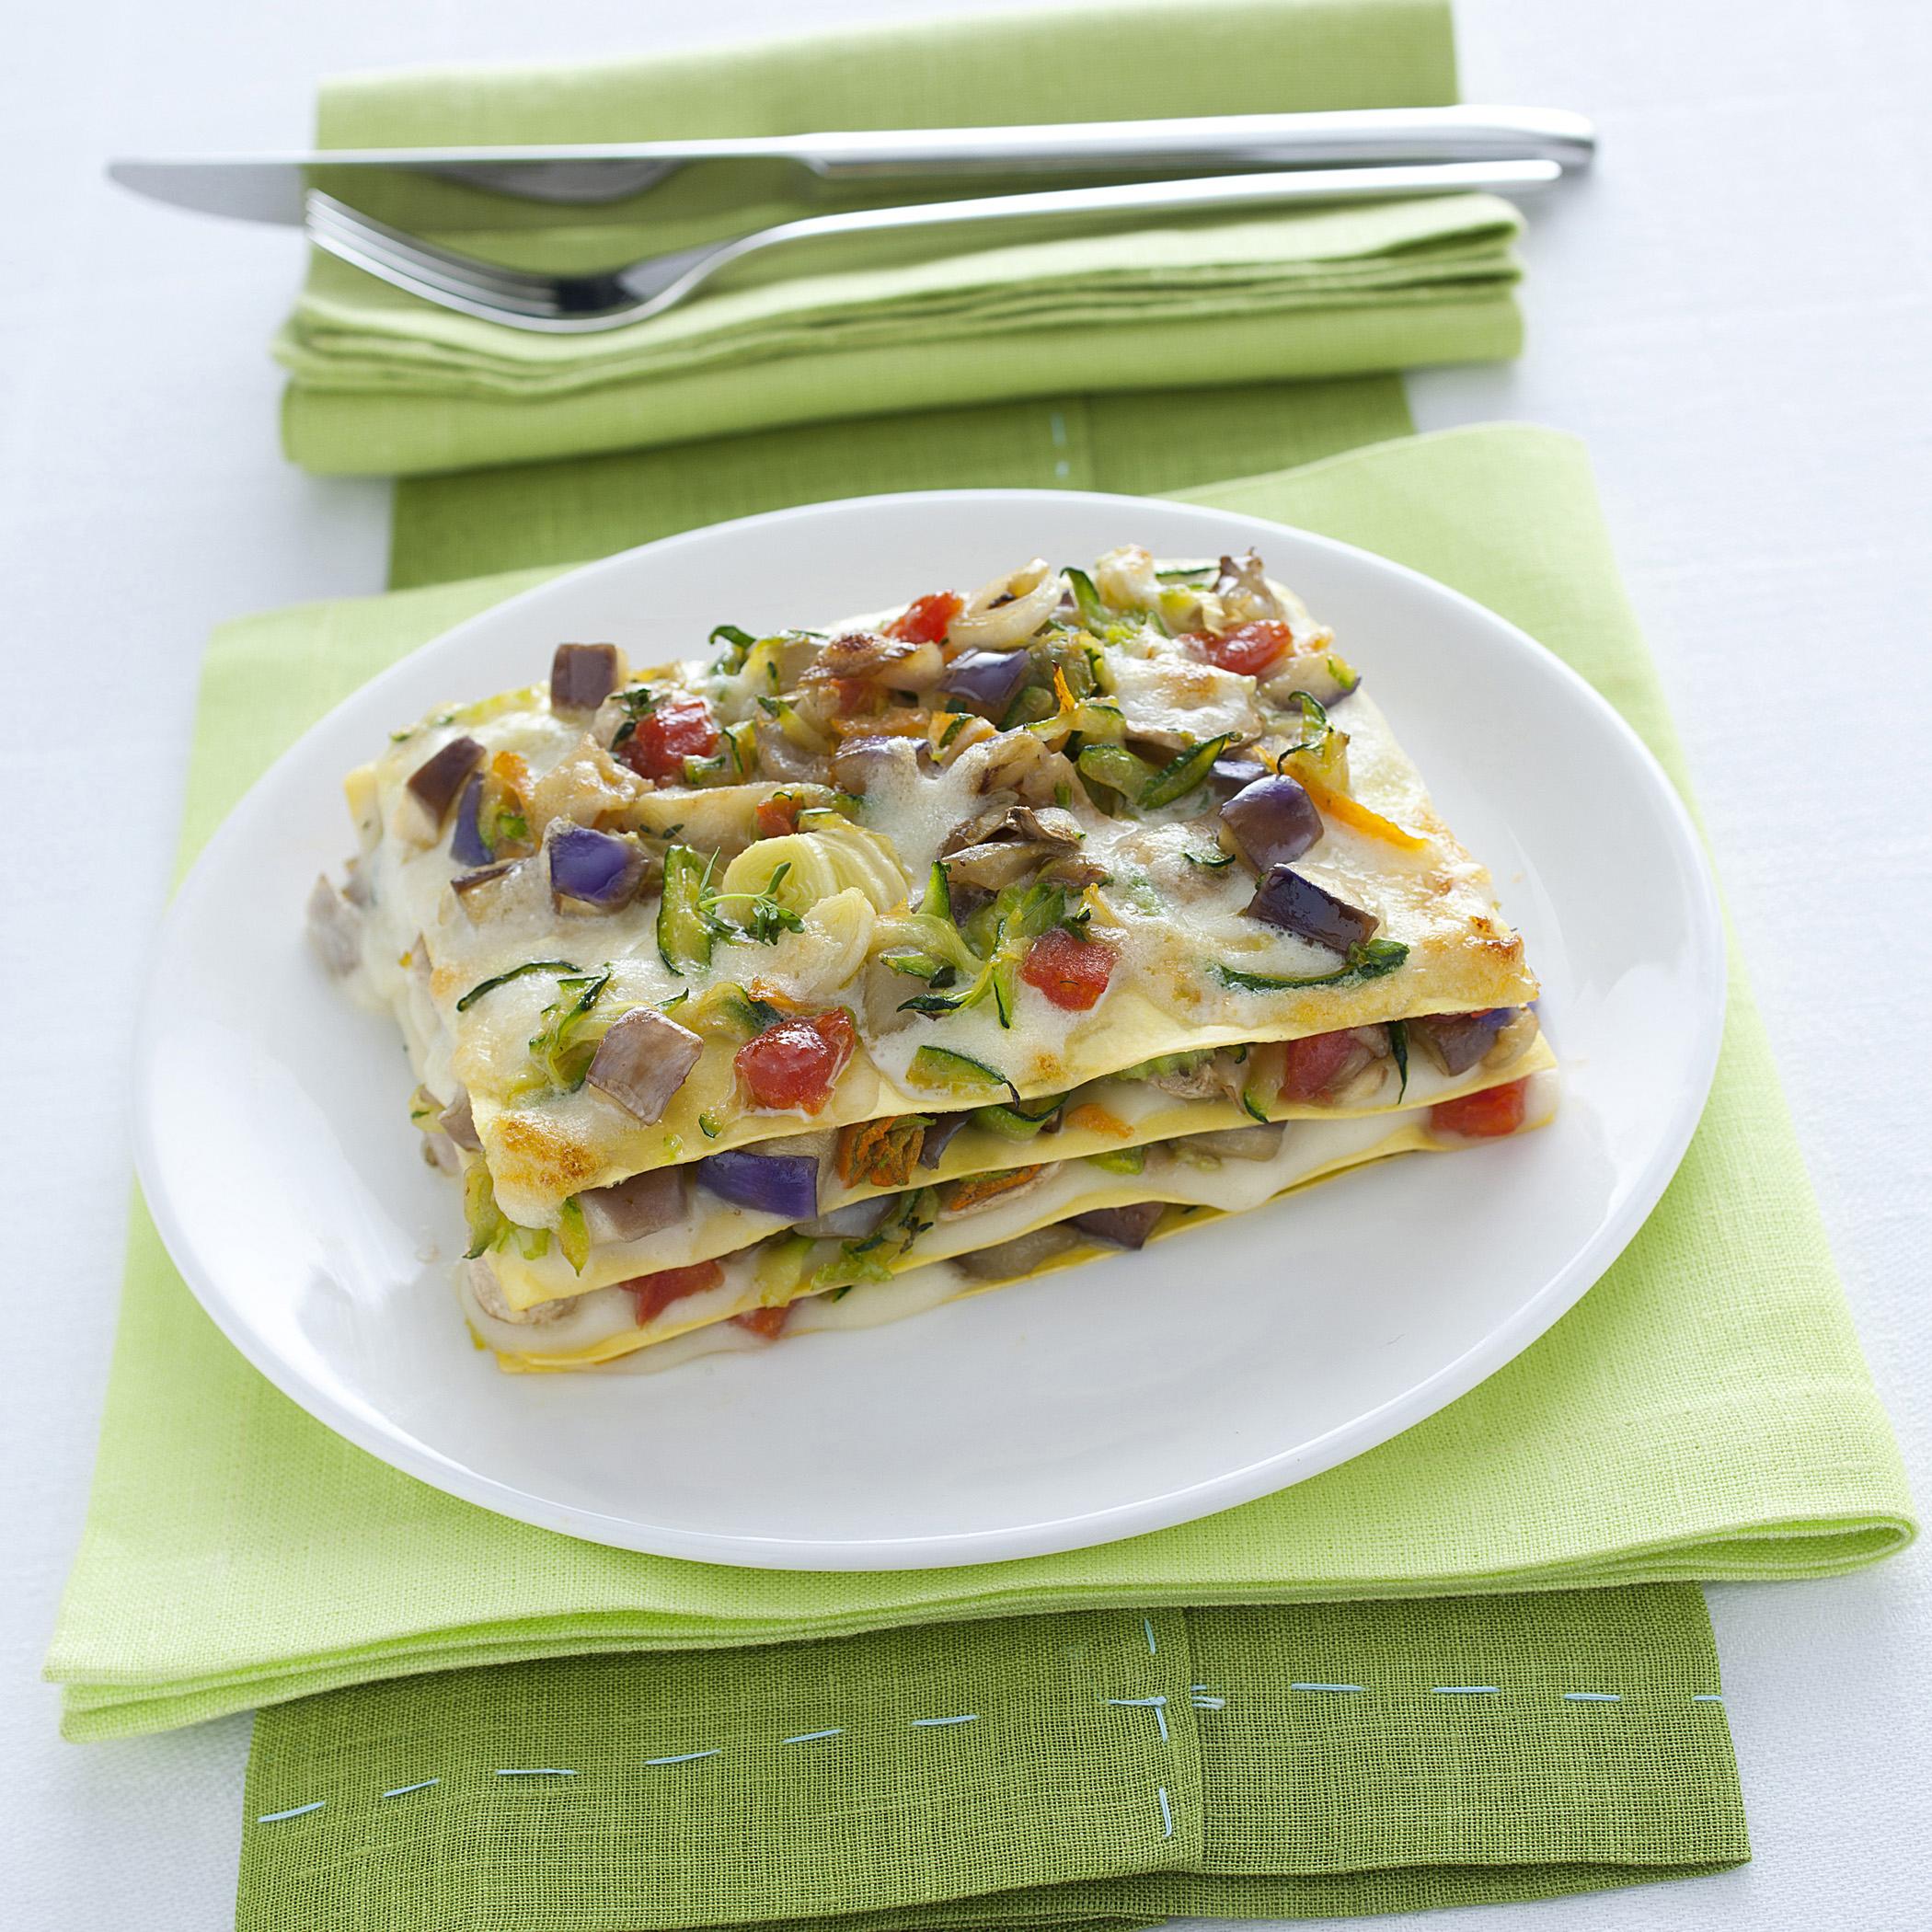 Le 10 migliori ricette di lasagne alle verdure sale pepe for Ricette di cucina